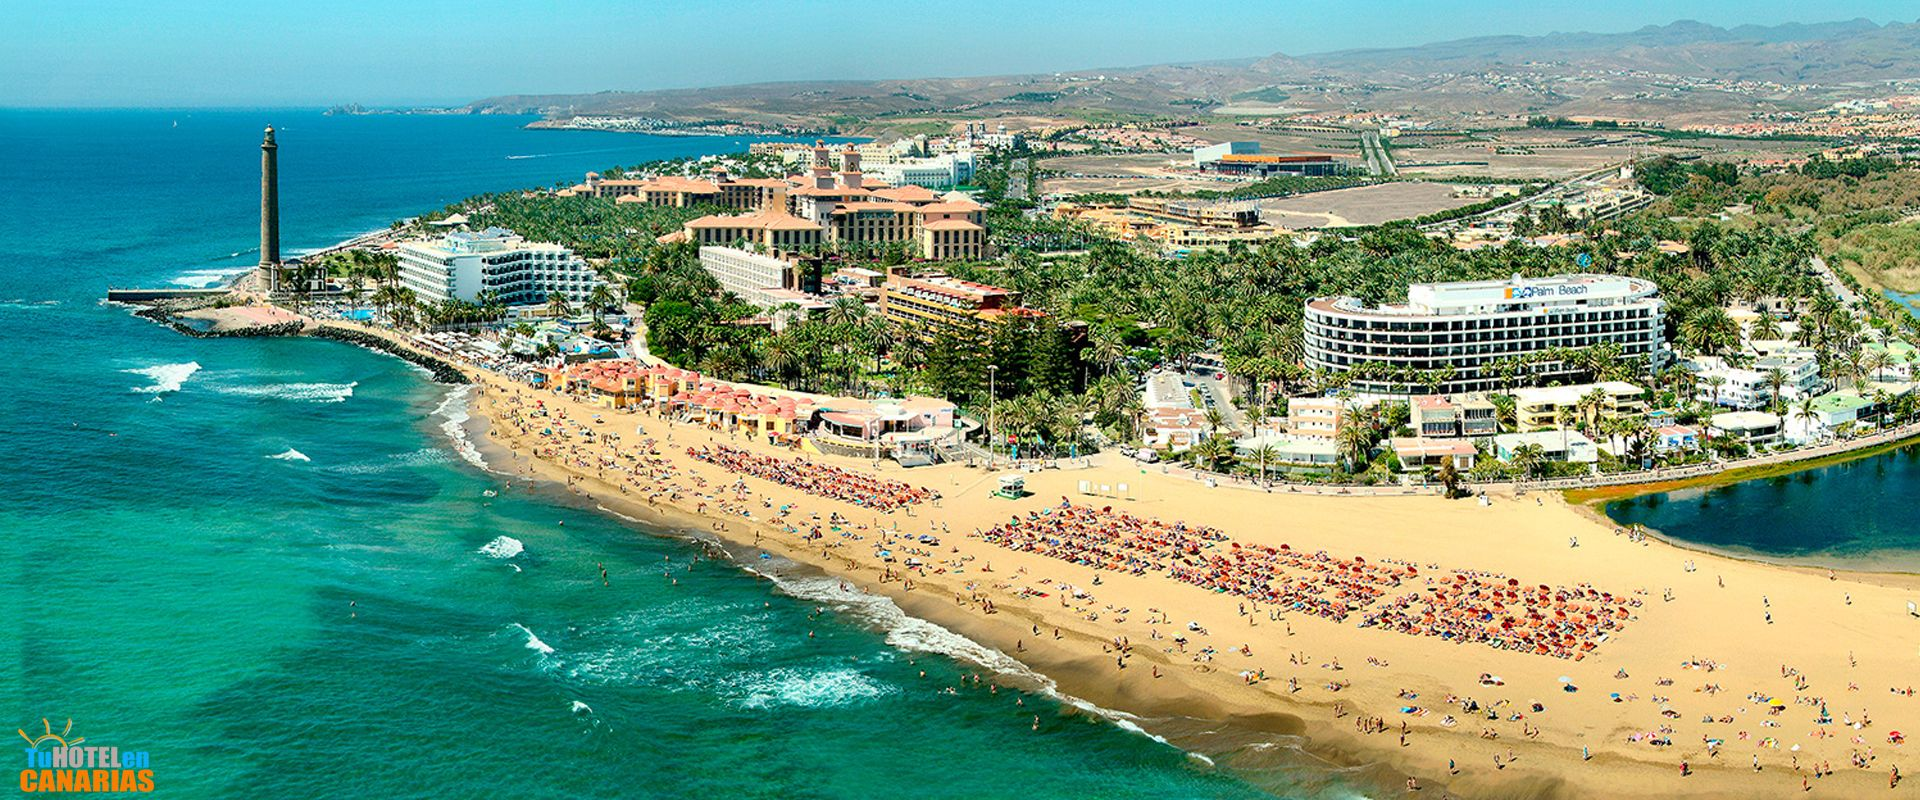 Maspalomas, Playa del Inglés y Meloneras ofrecen gran